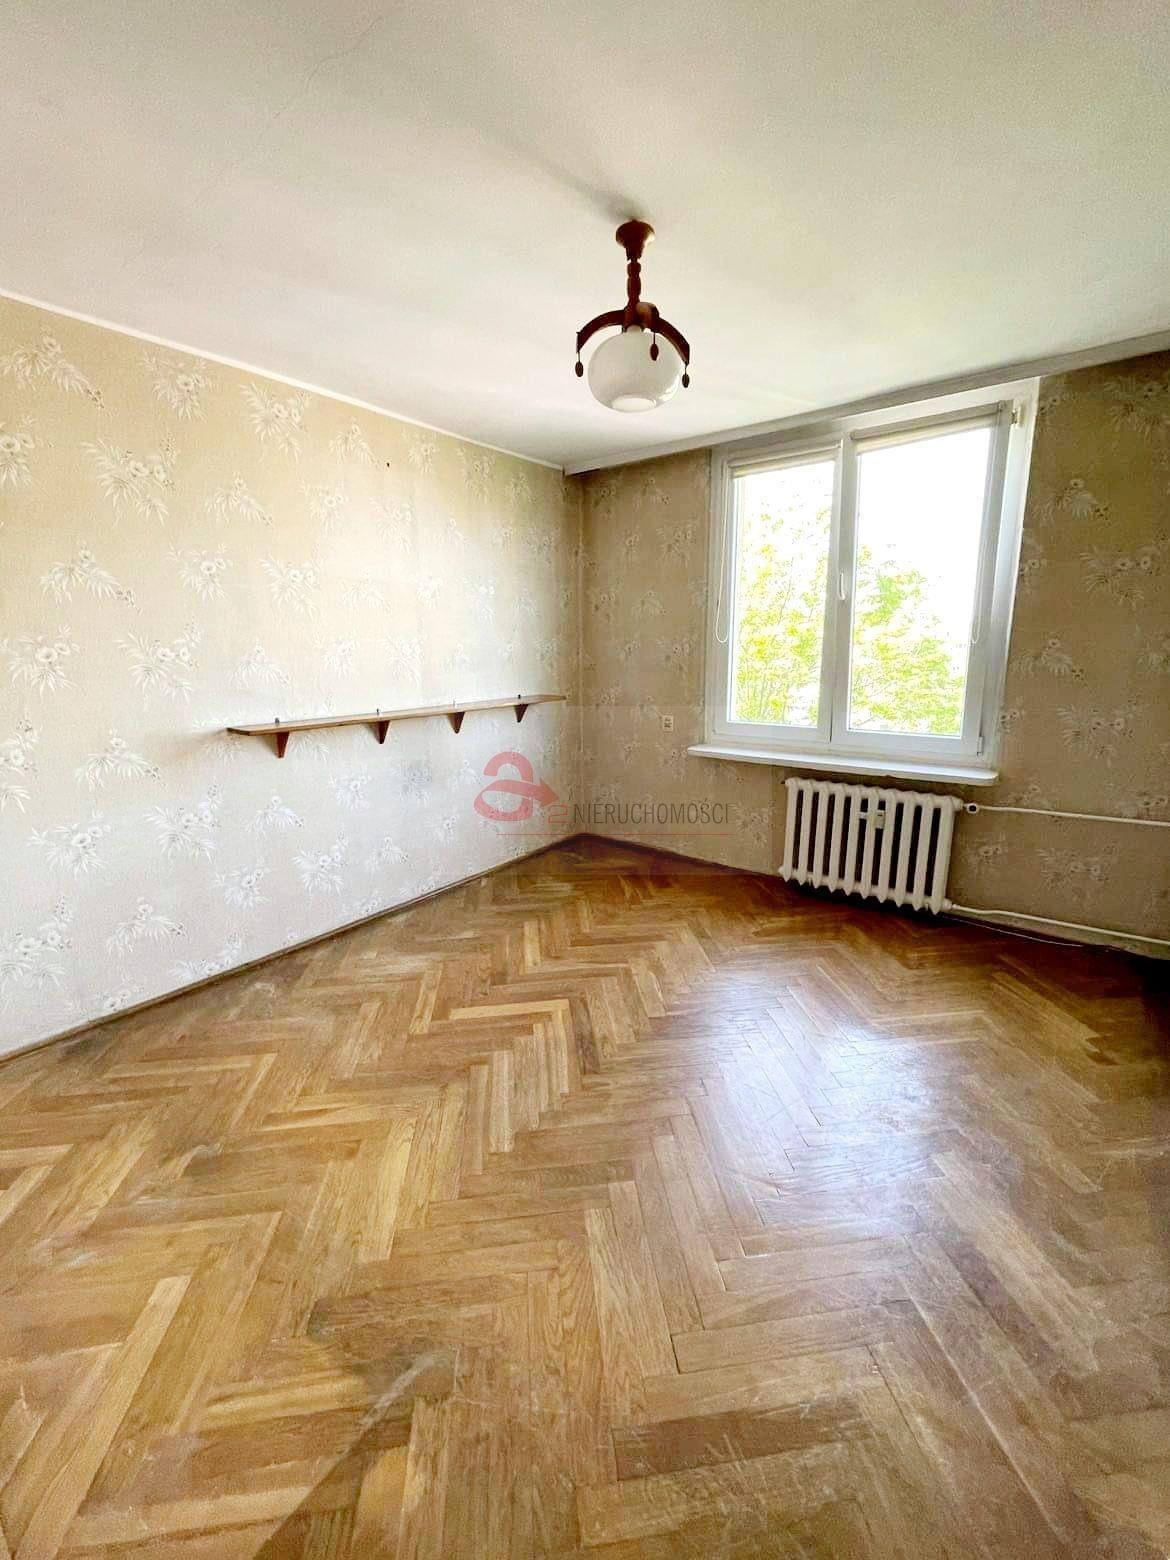 Mieszkanie dwupokojowe na sprzedaż Poznań, Poznań-Stare Miasto, Stare Miasto, Kazimierza Wielkiego  42m2 Foto 11